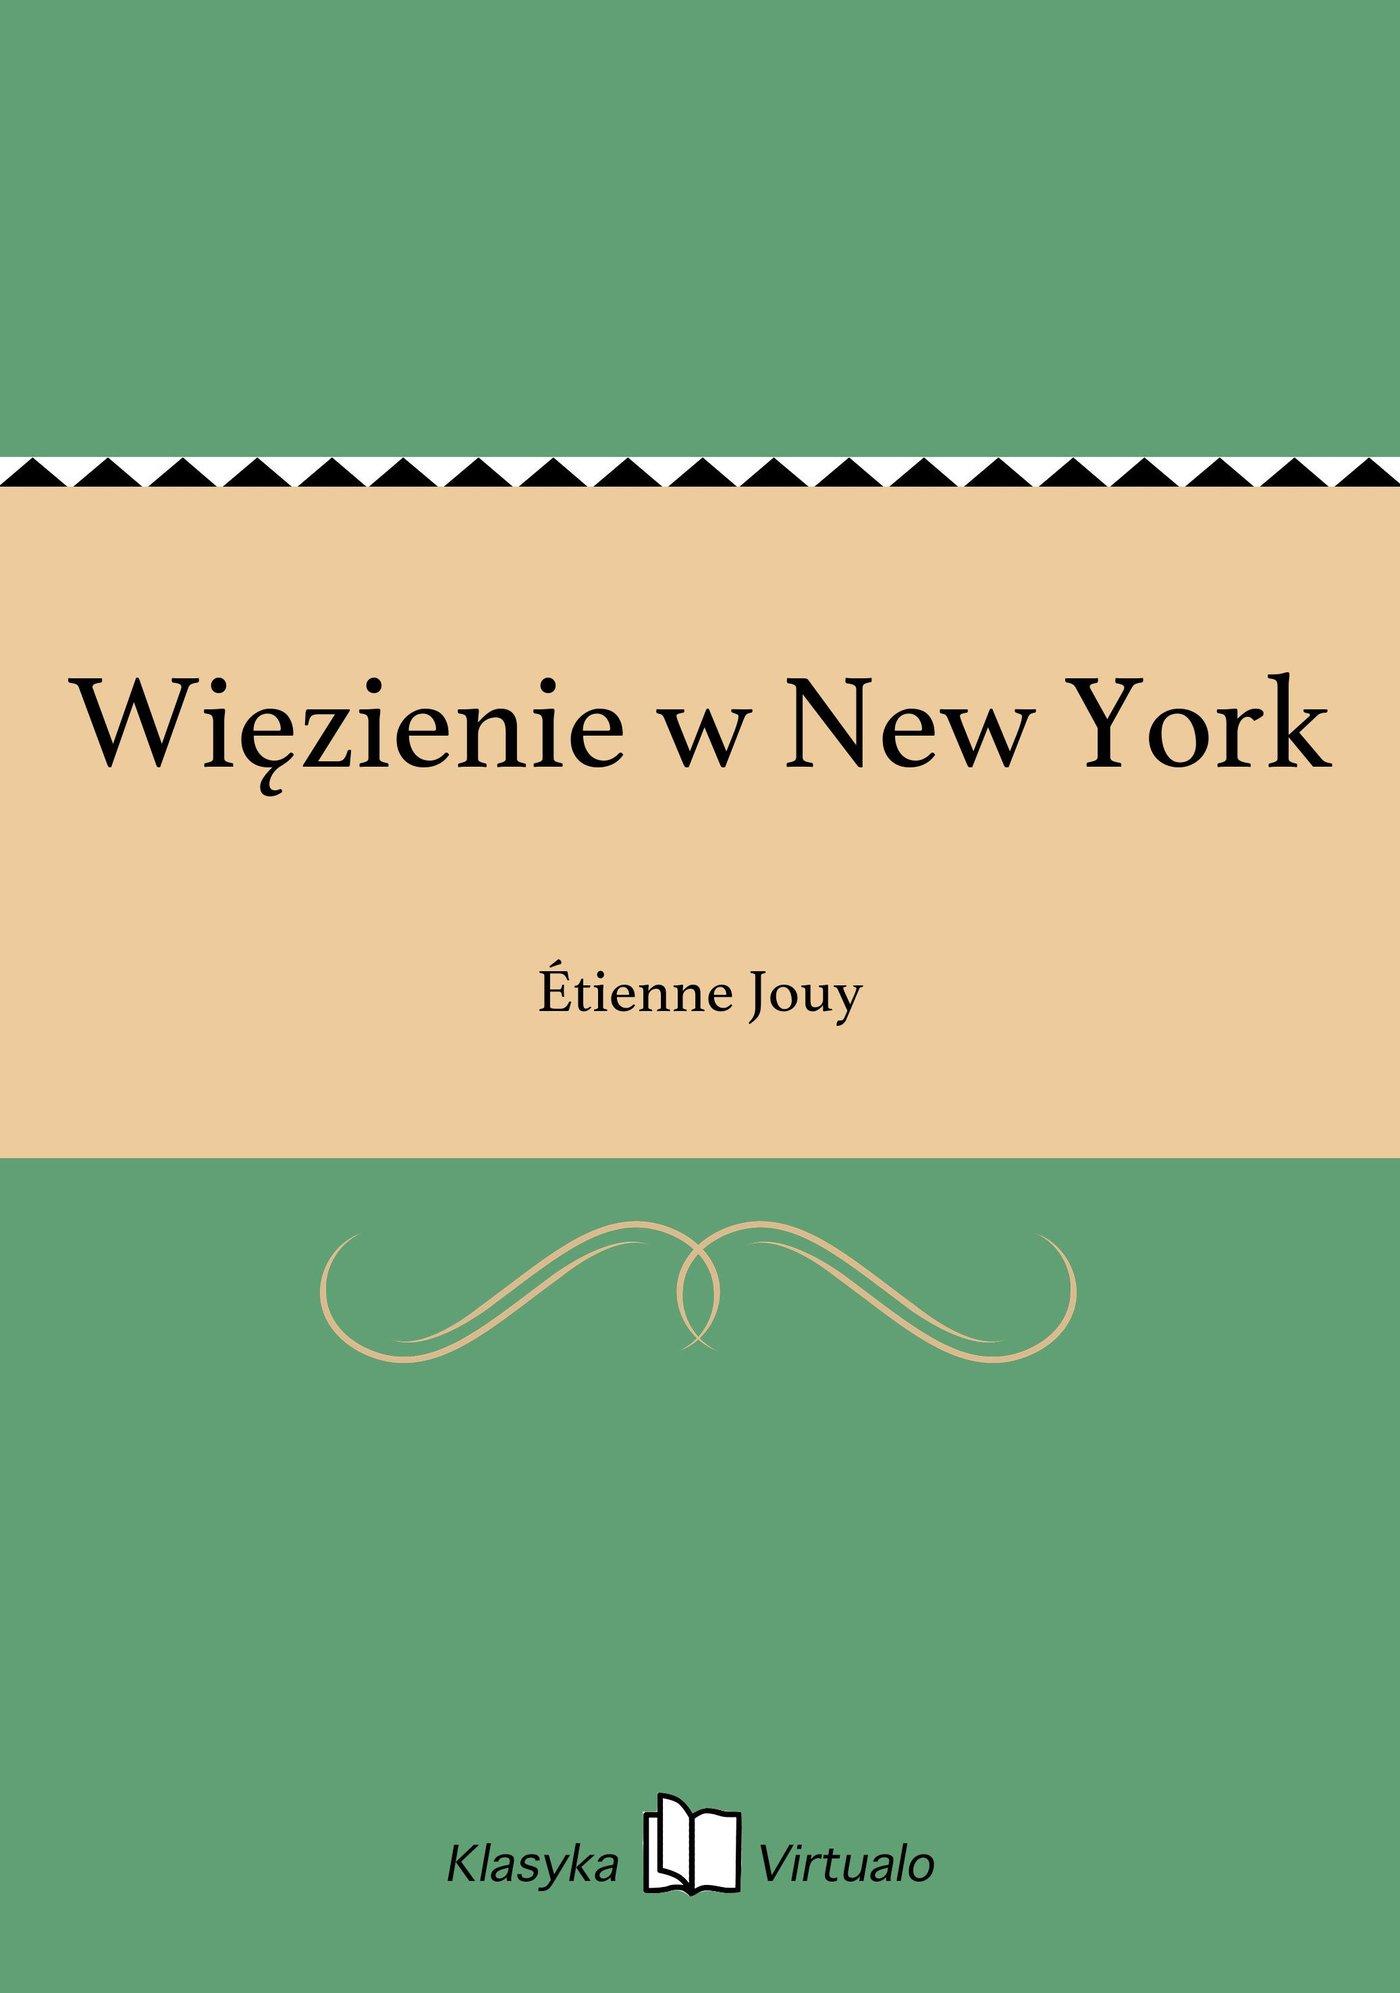 Więzienie w New York - Ebook (Książka EPUB) do pobrania w formacie EPUB